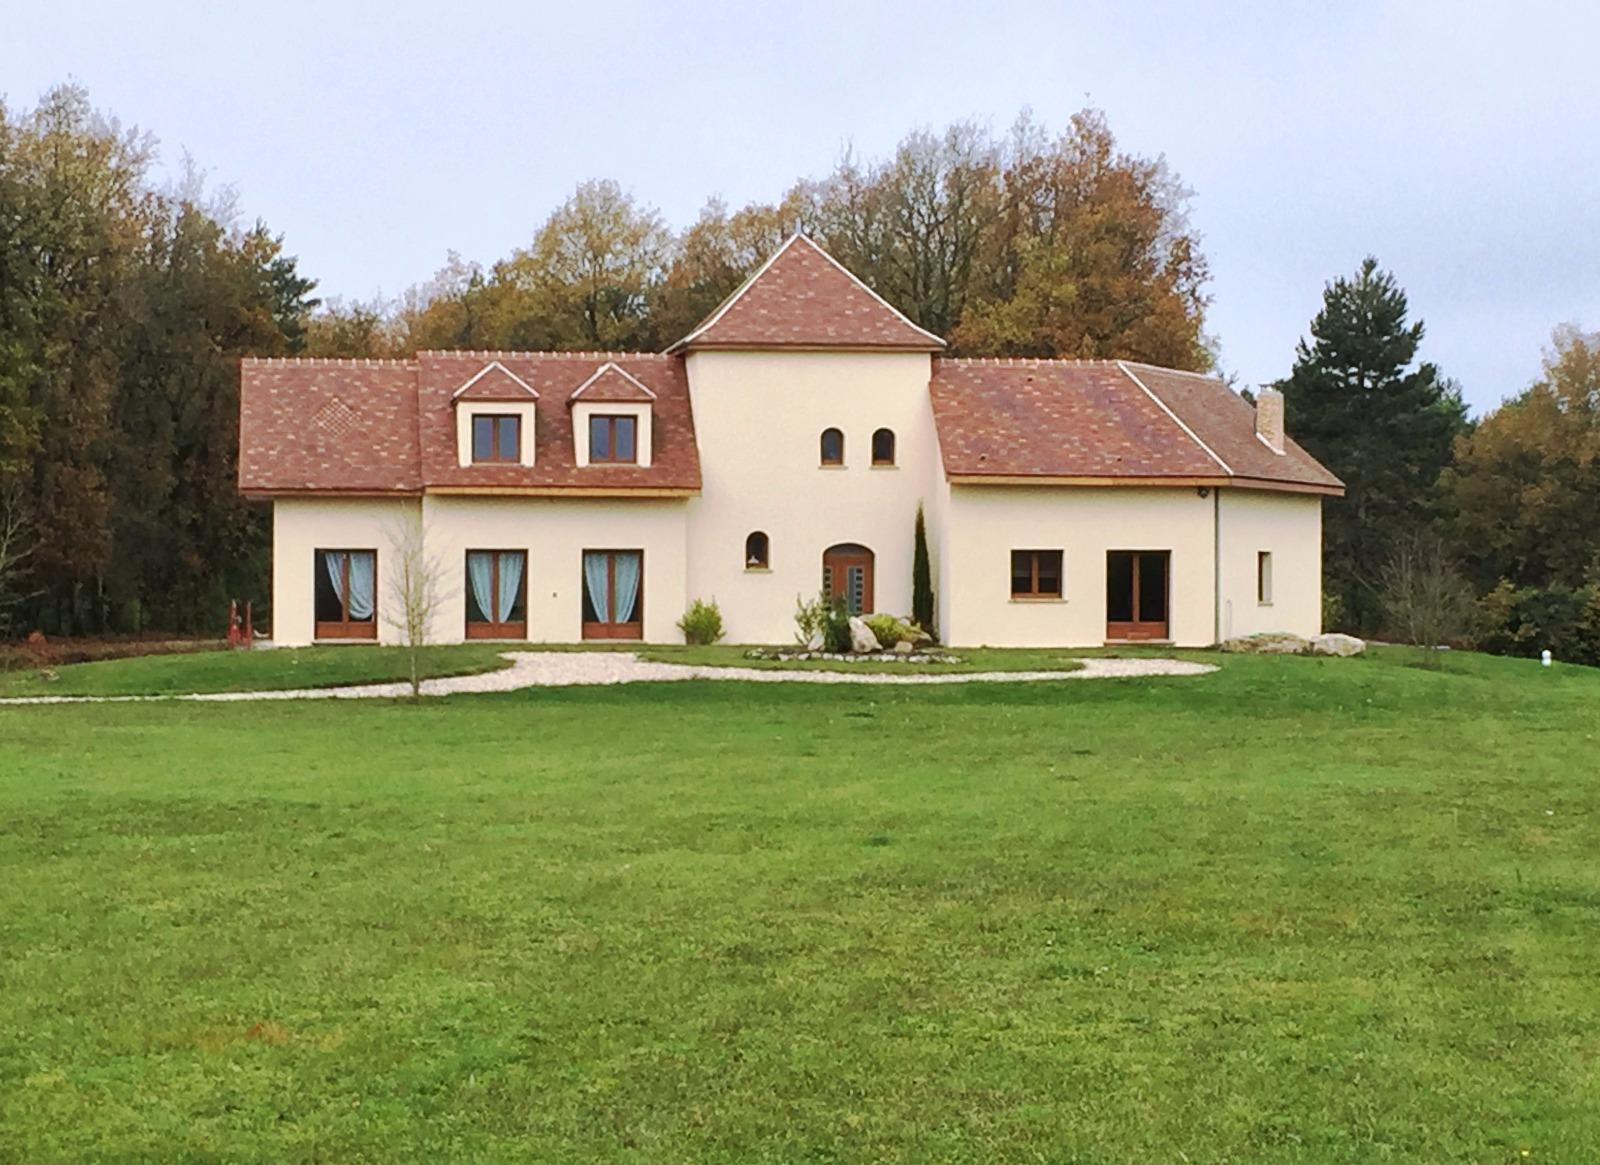 Maisons a vendre en seine et marne avie home for Constructeur maison seine et marne